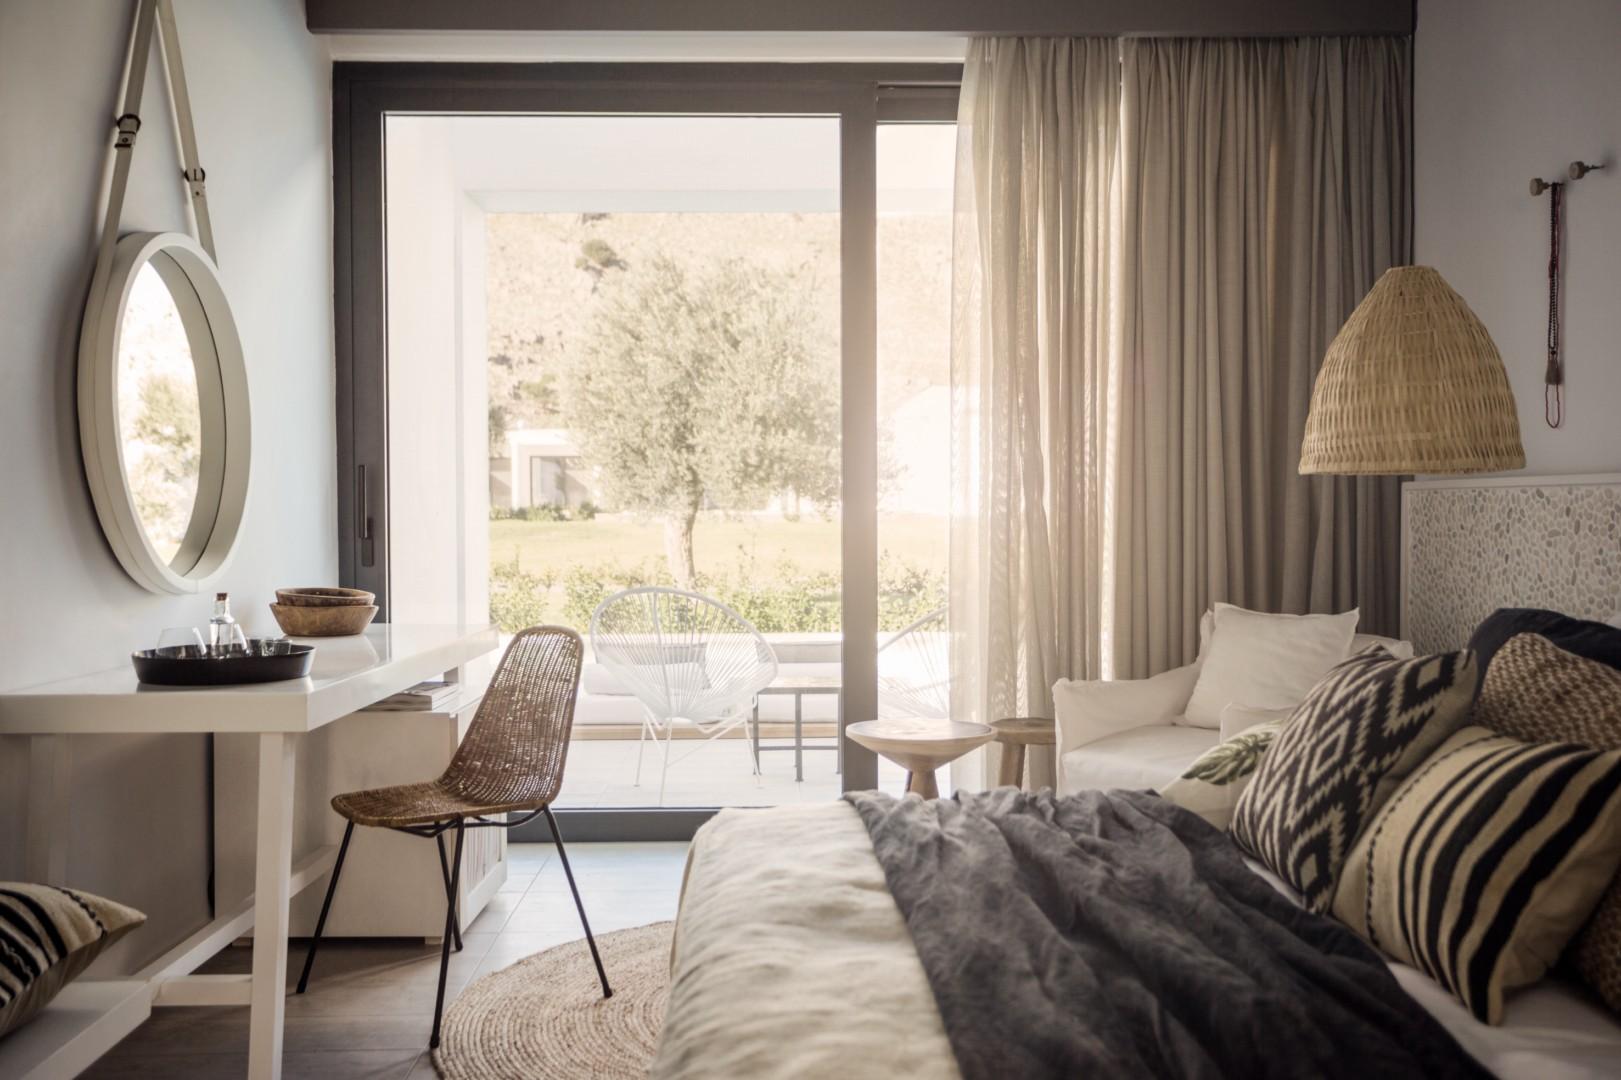 CasaCook_Rhodes_Standard Double Room Veranda